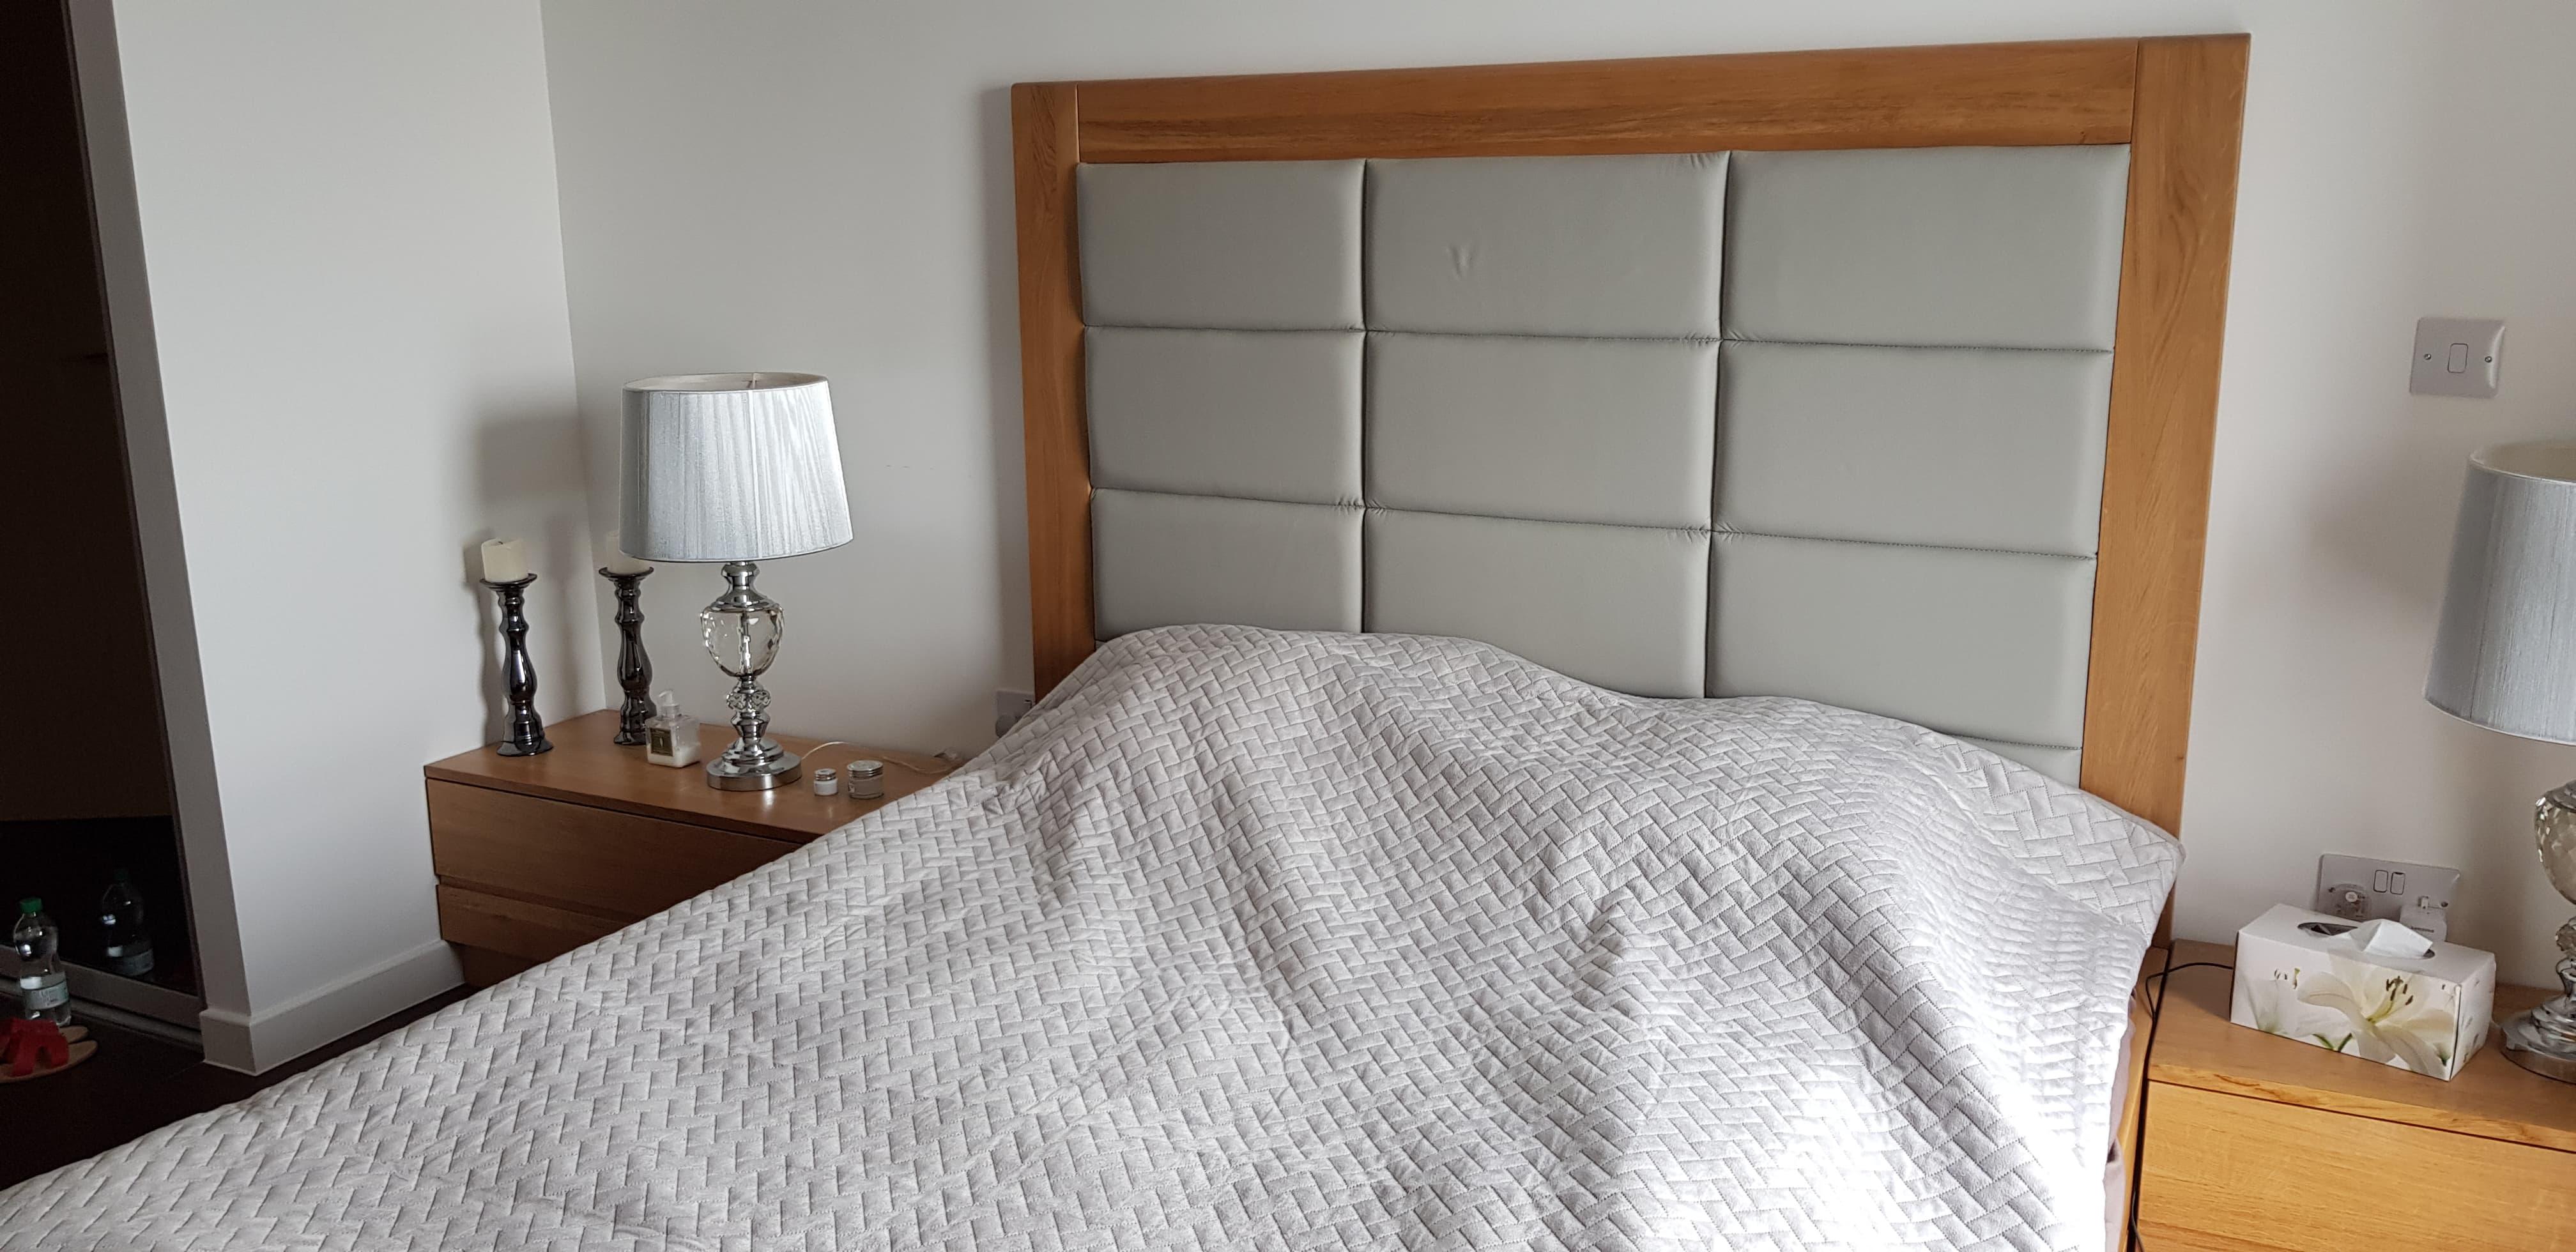 Sypialnia z drewna dębowego z łóżkiem tapicerowanym skórą